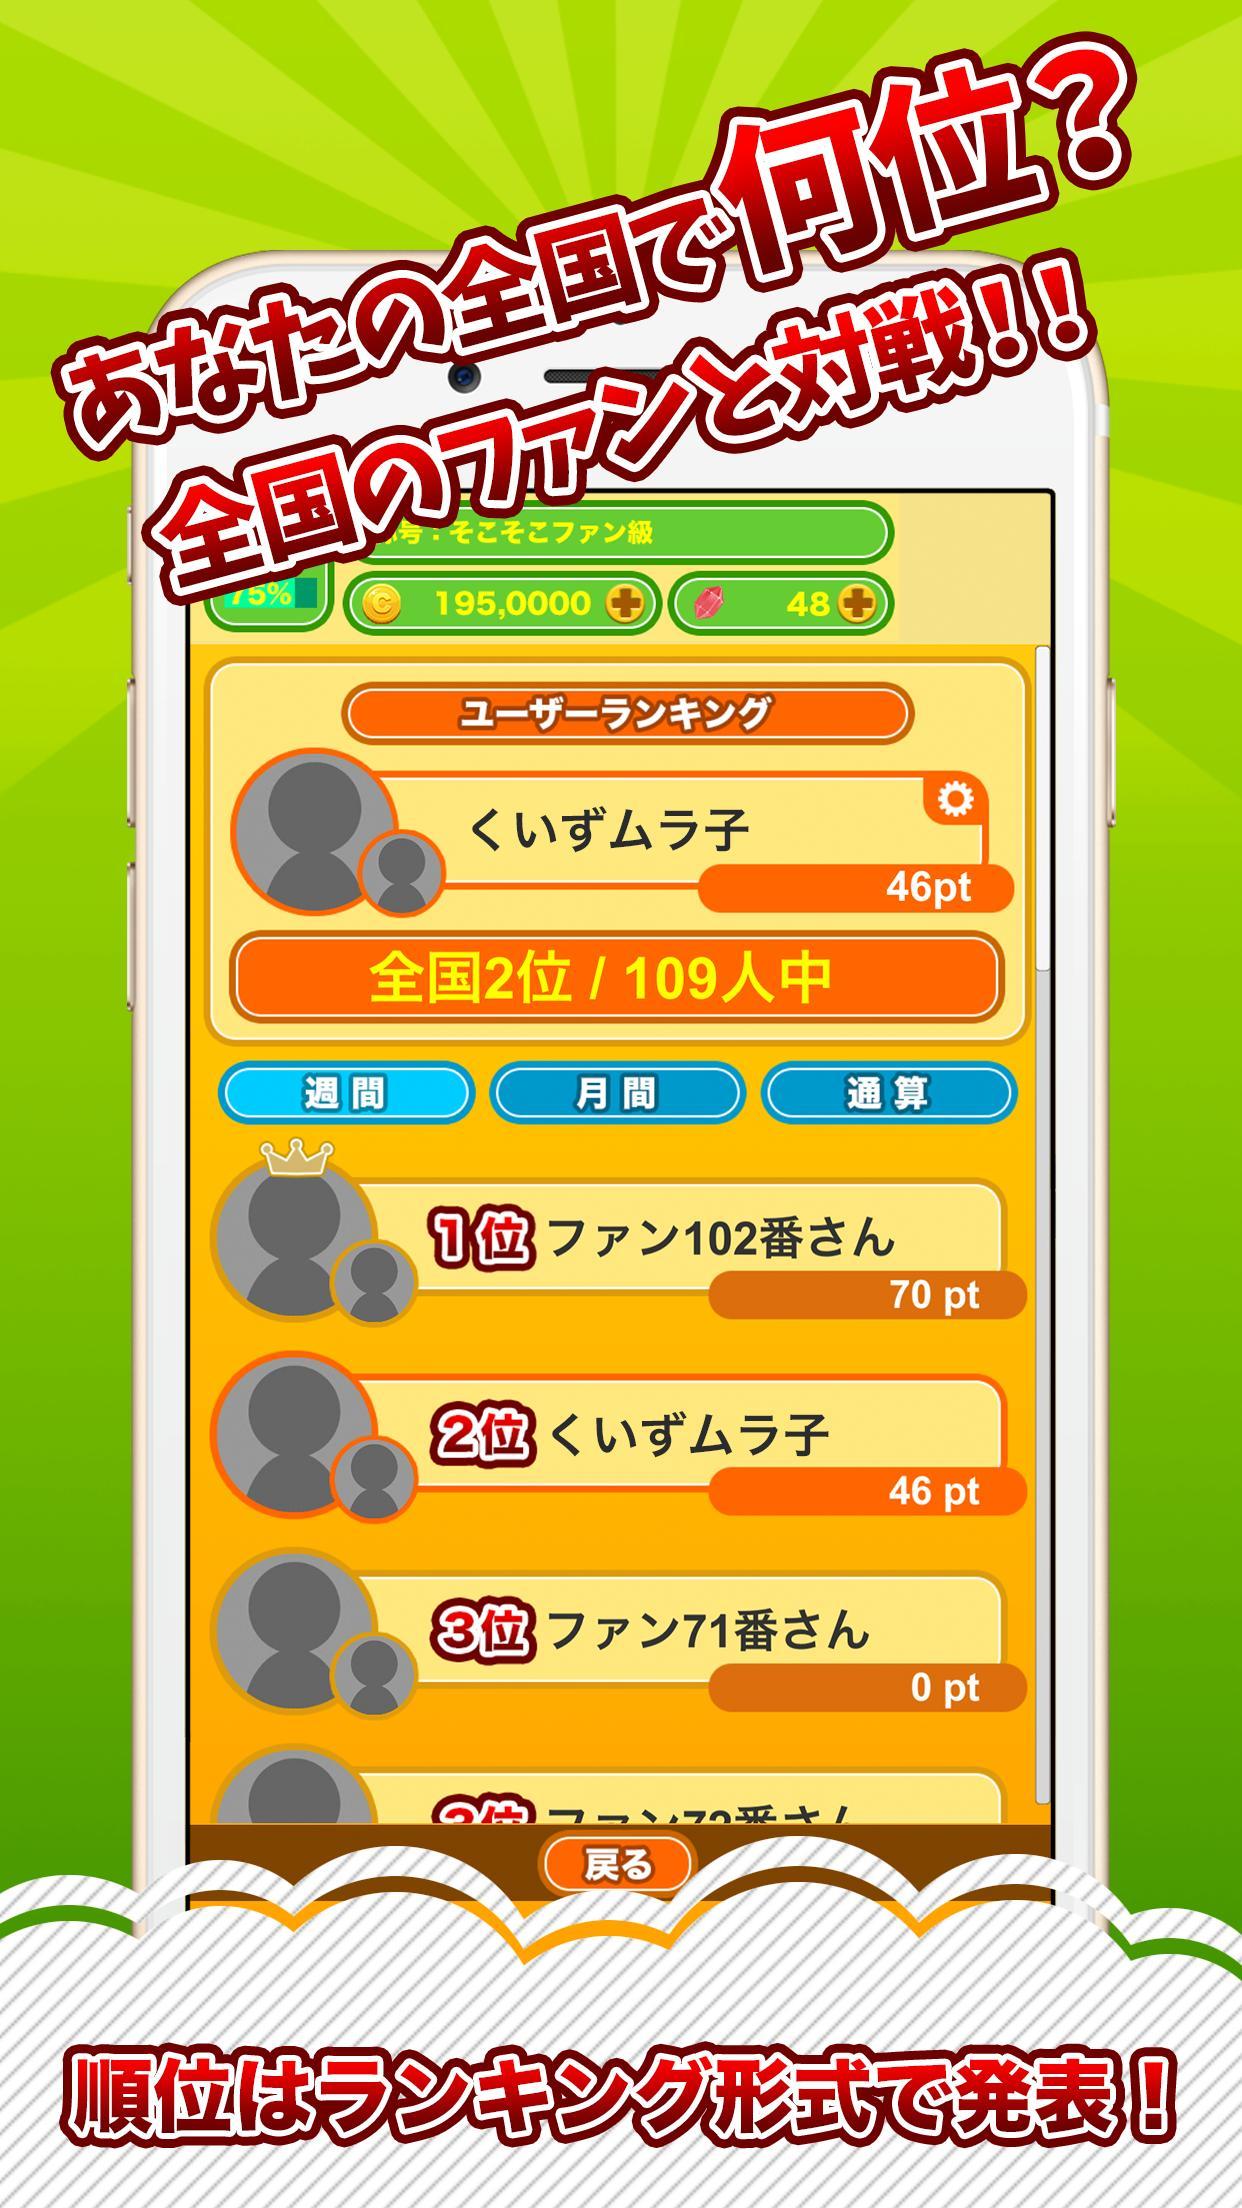 セクゾクイズ村 for Sexy Zone(セクシーゾーン) 3 تصوير الشاشة